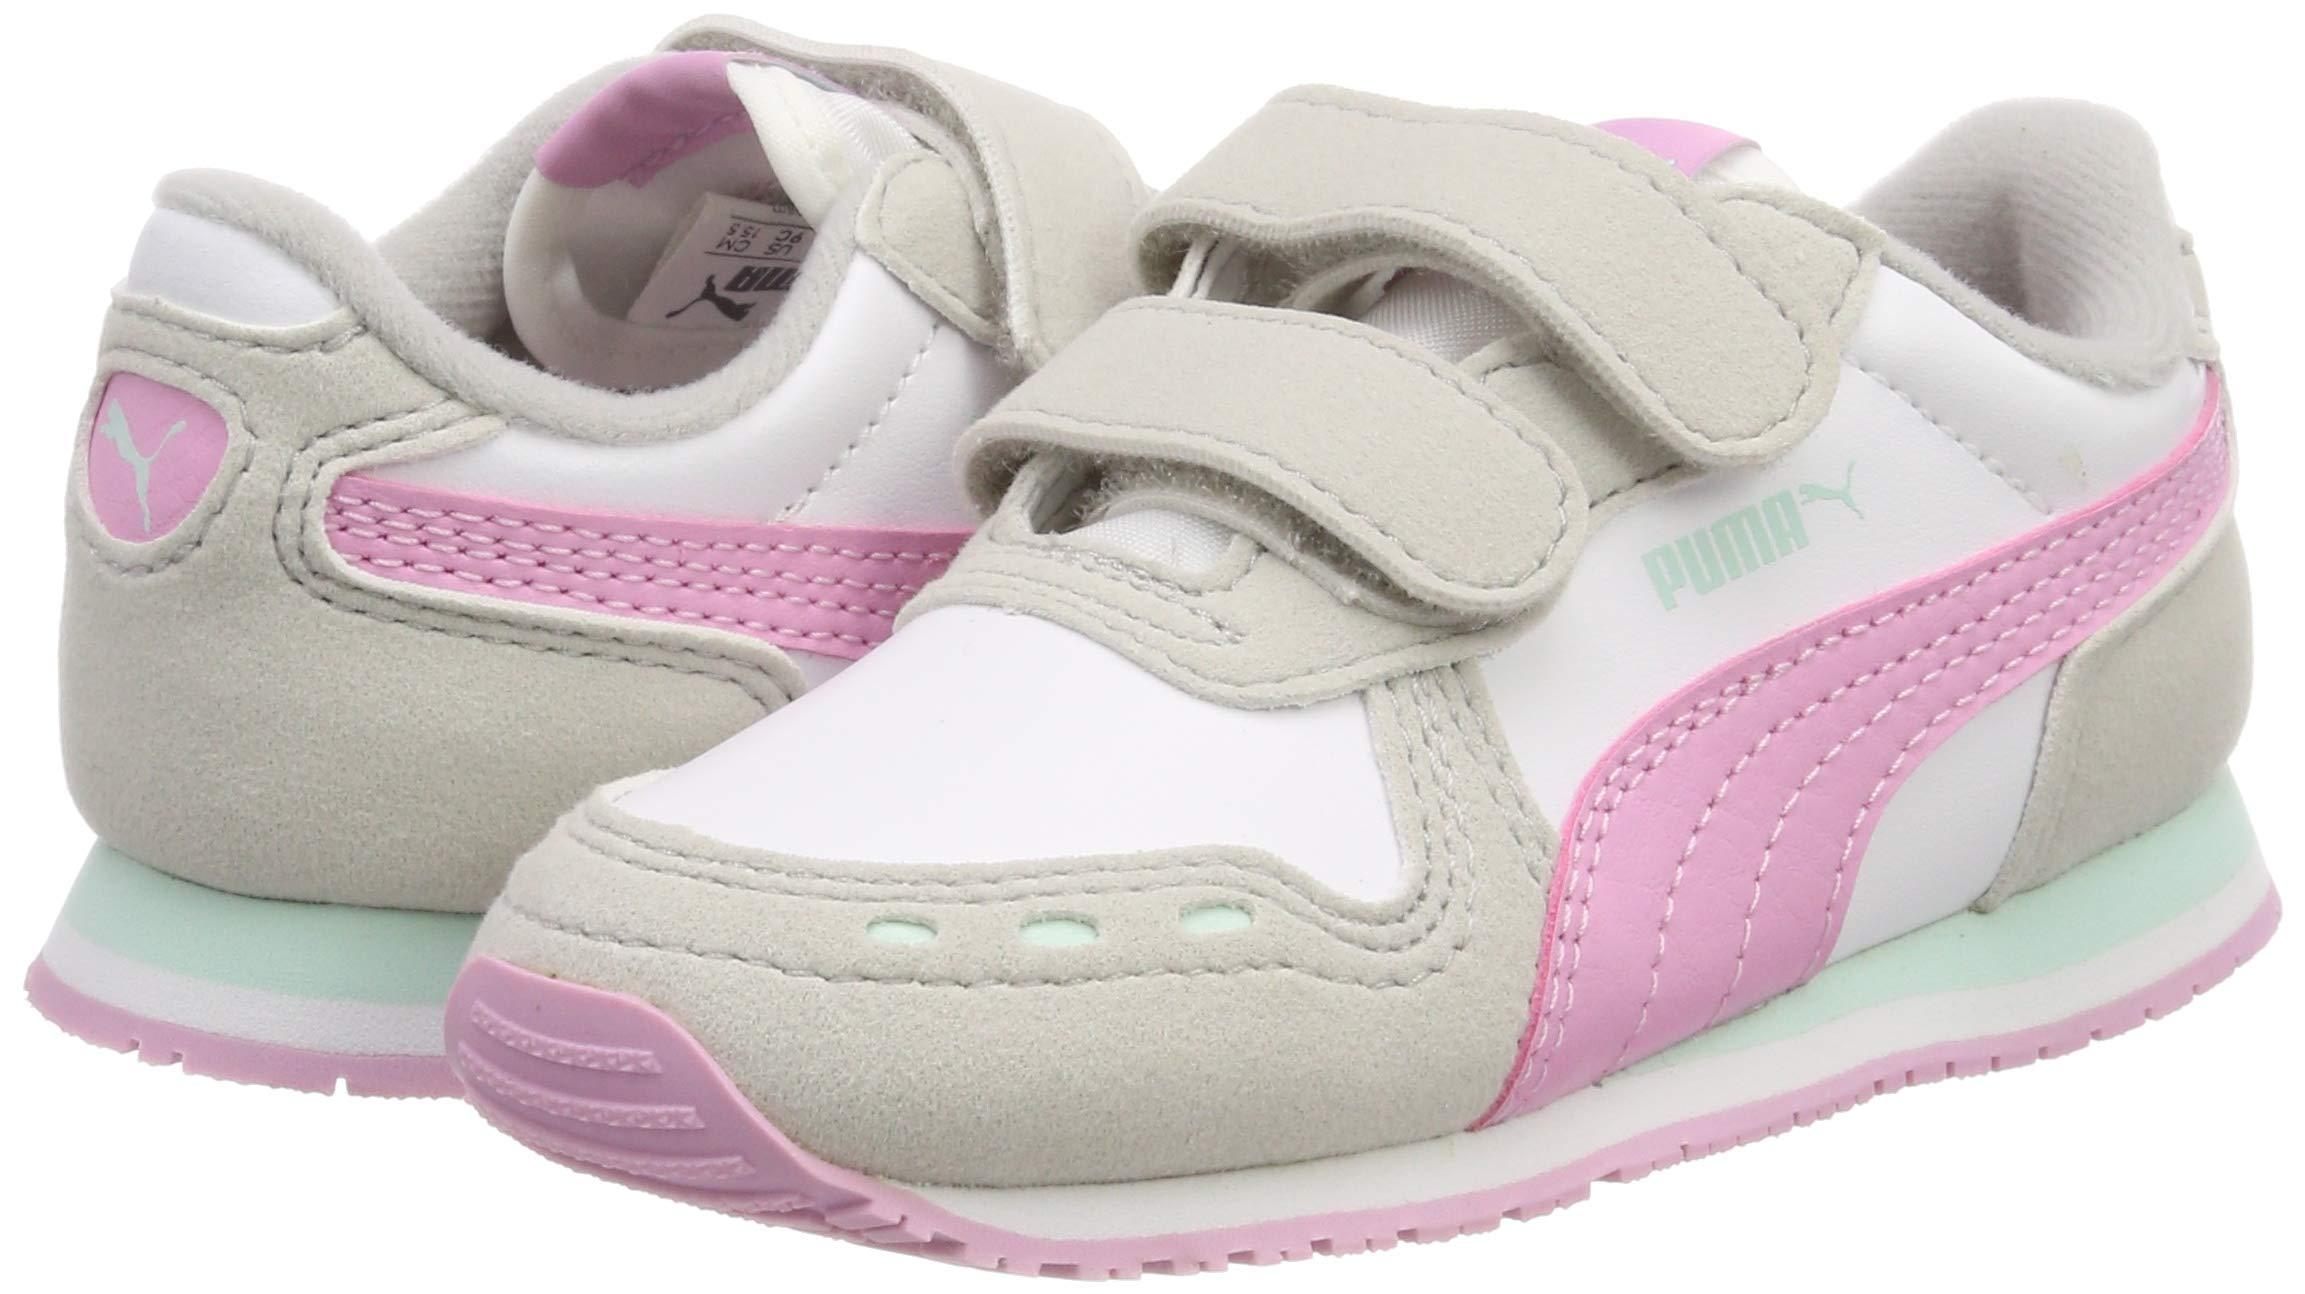 : PUMA Schuhe, Kleidung & Accessoires: Schuhe Kinder